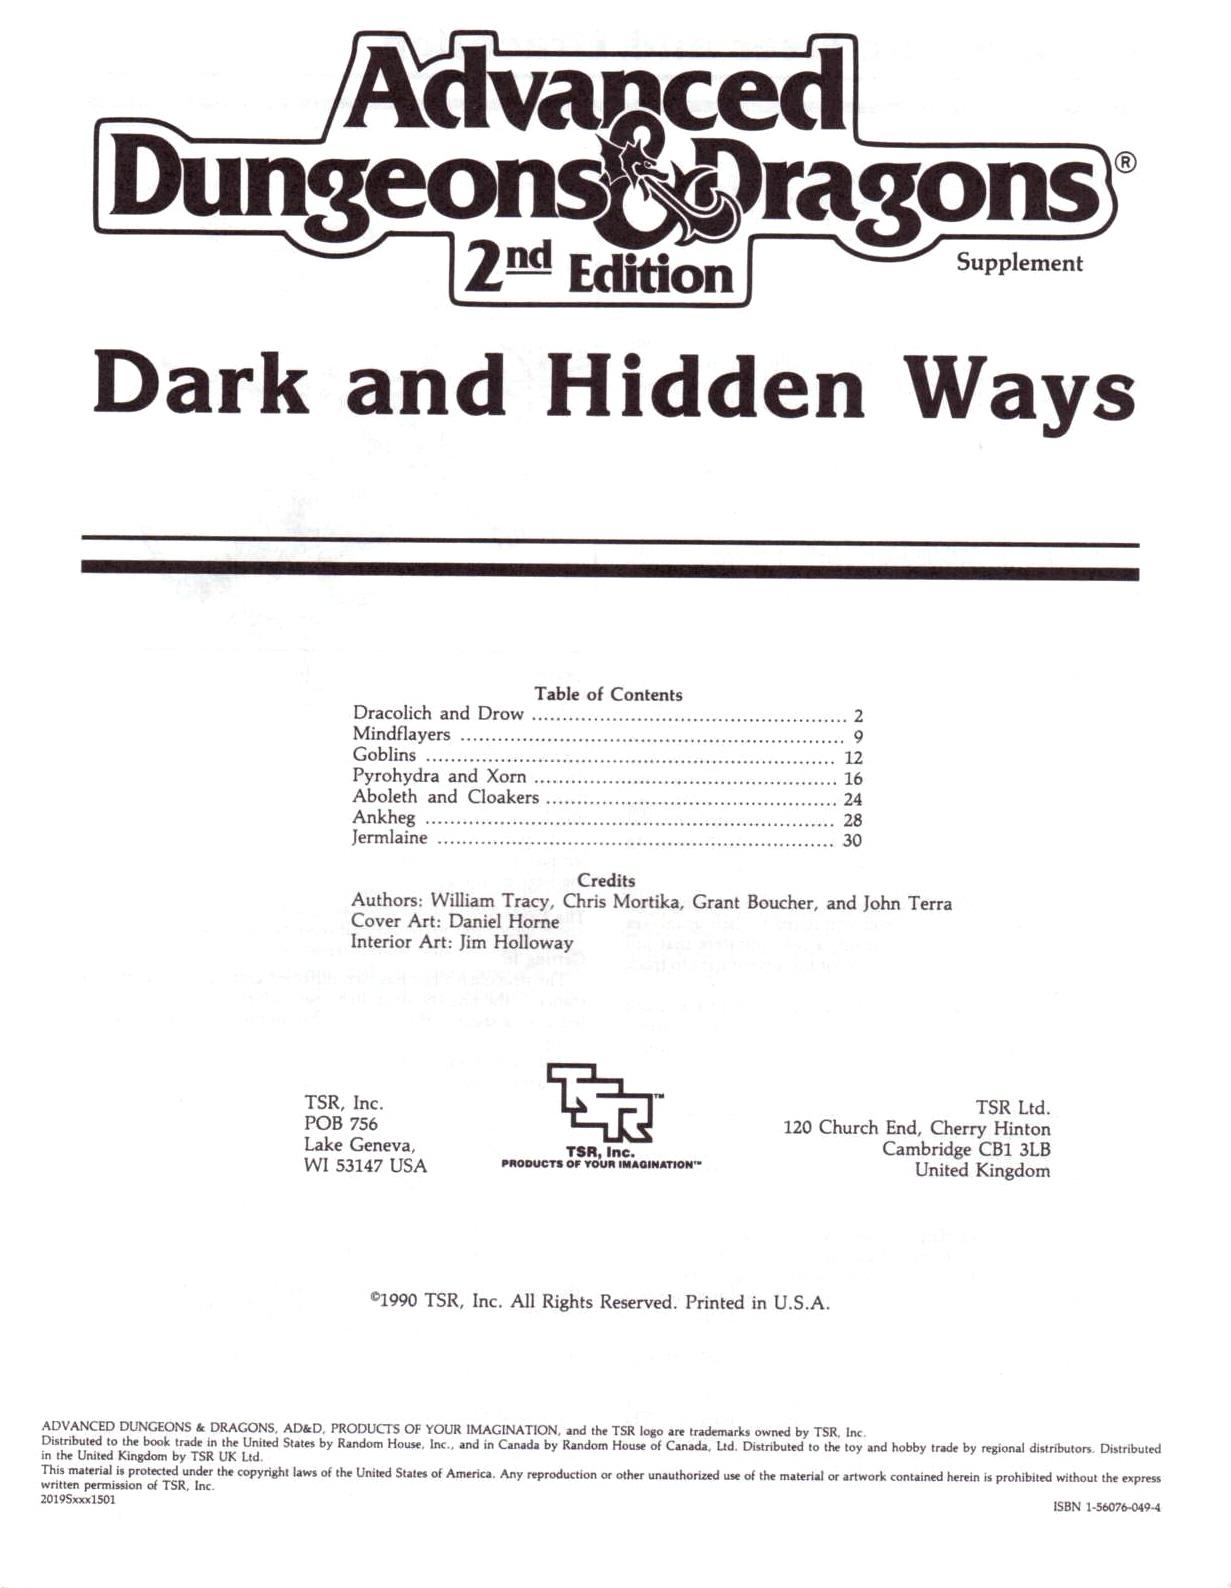 Dark and Hidden Ways